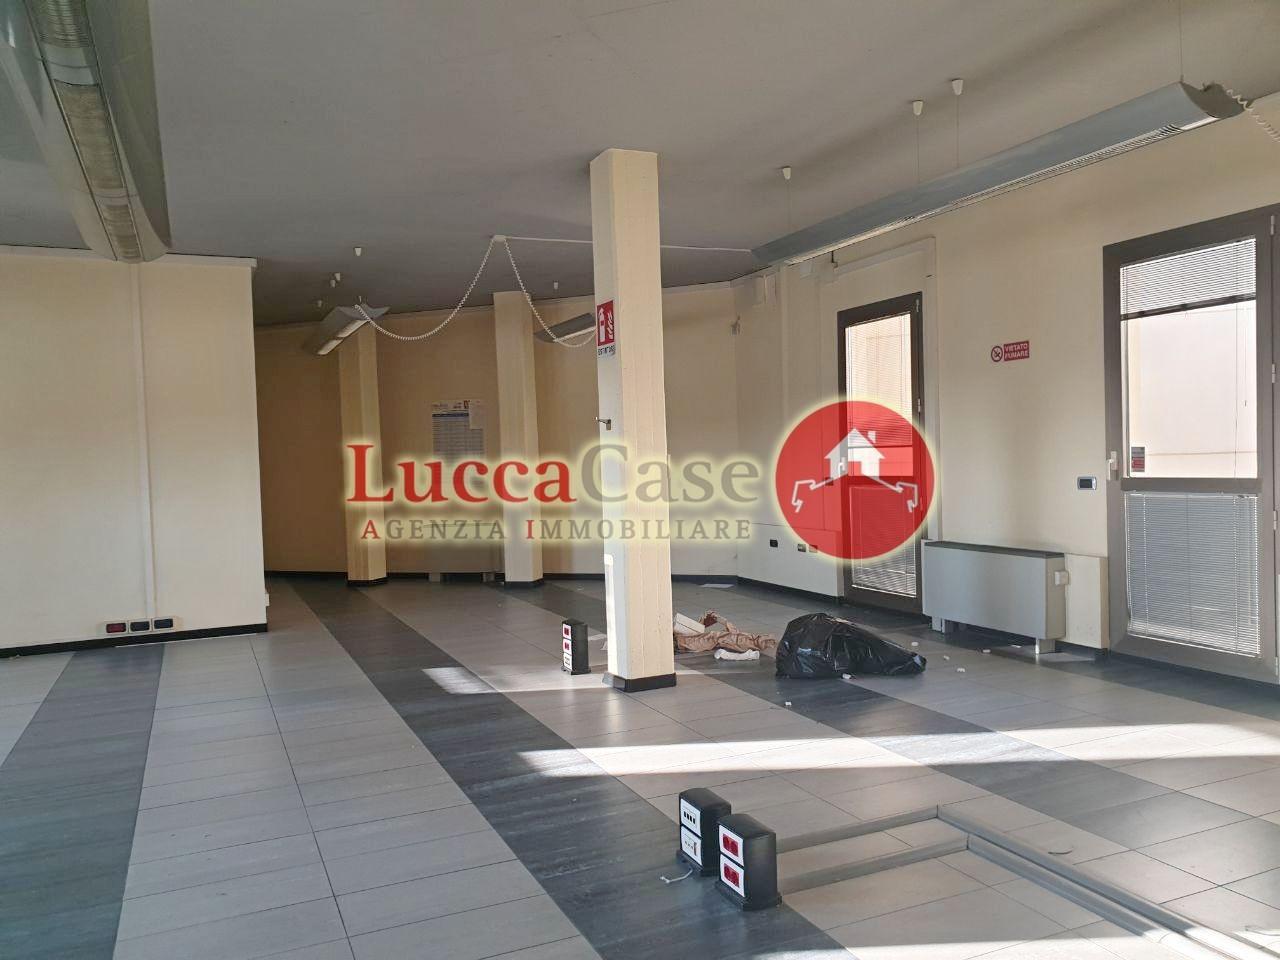 Ufficio / Studio in affitto a Porcari, 2 locali, prezzo € 1.500 | PortaleAgenzieImmobiliari.it